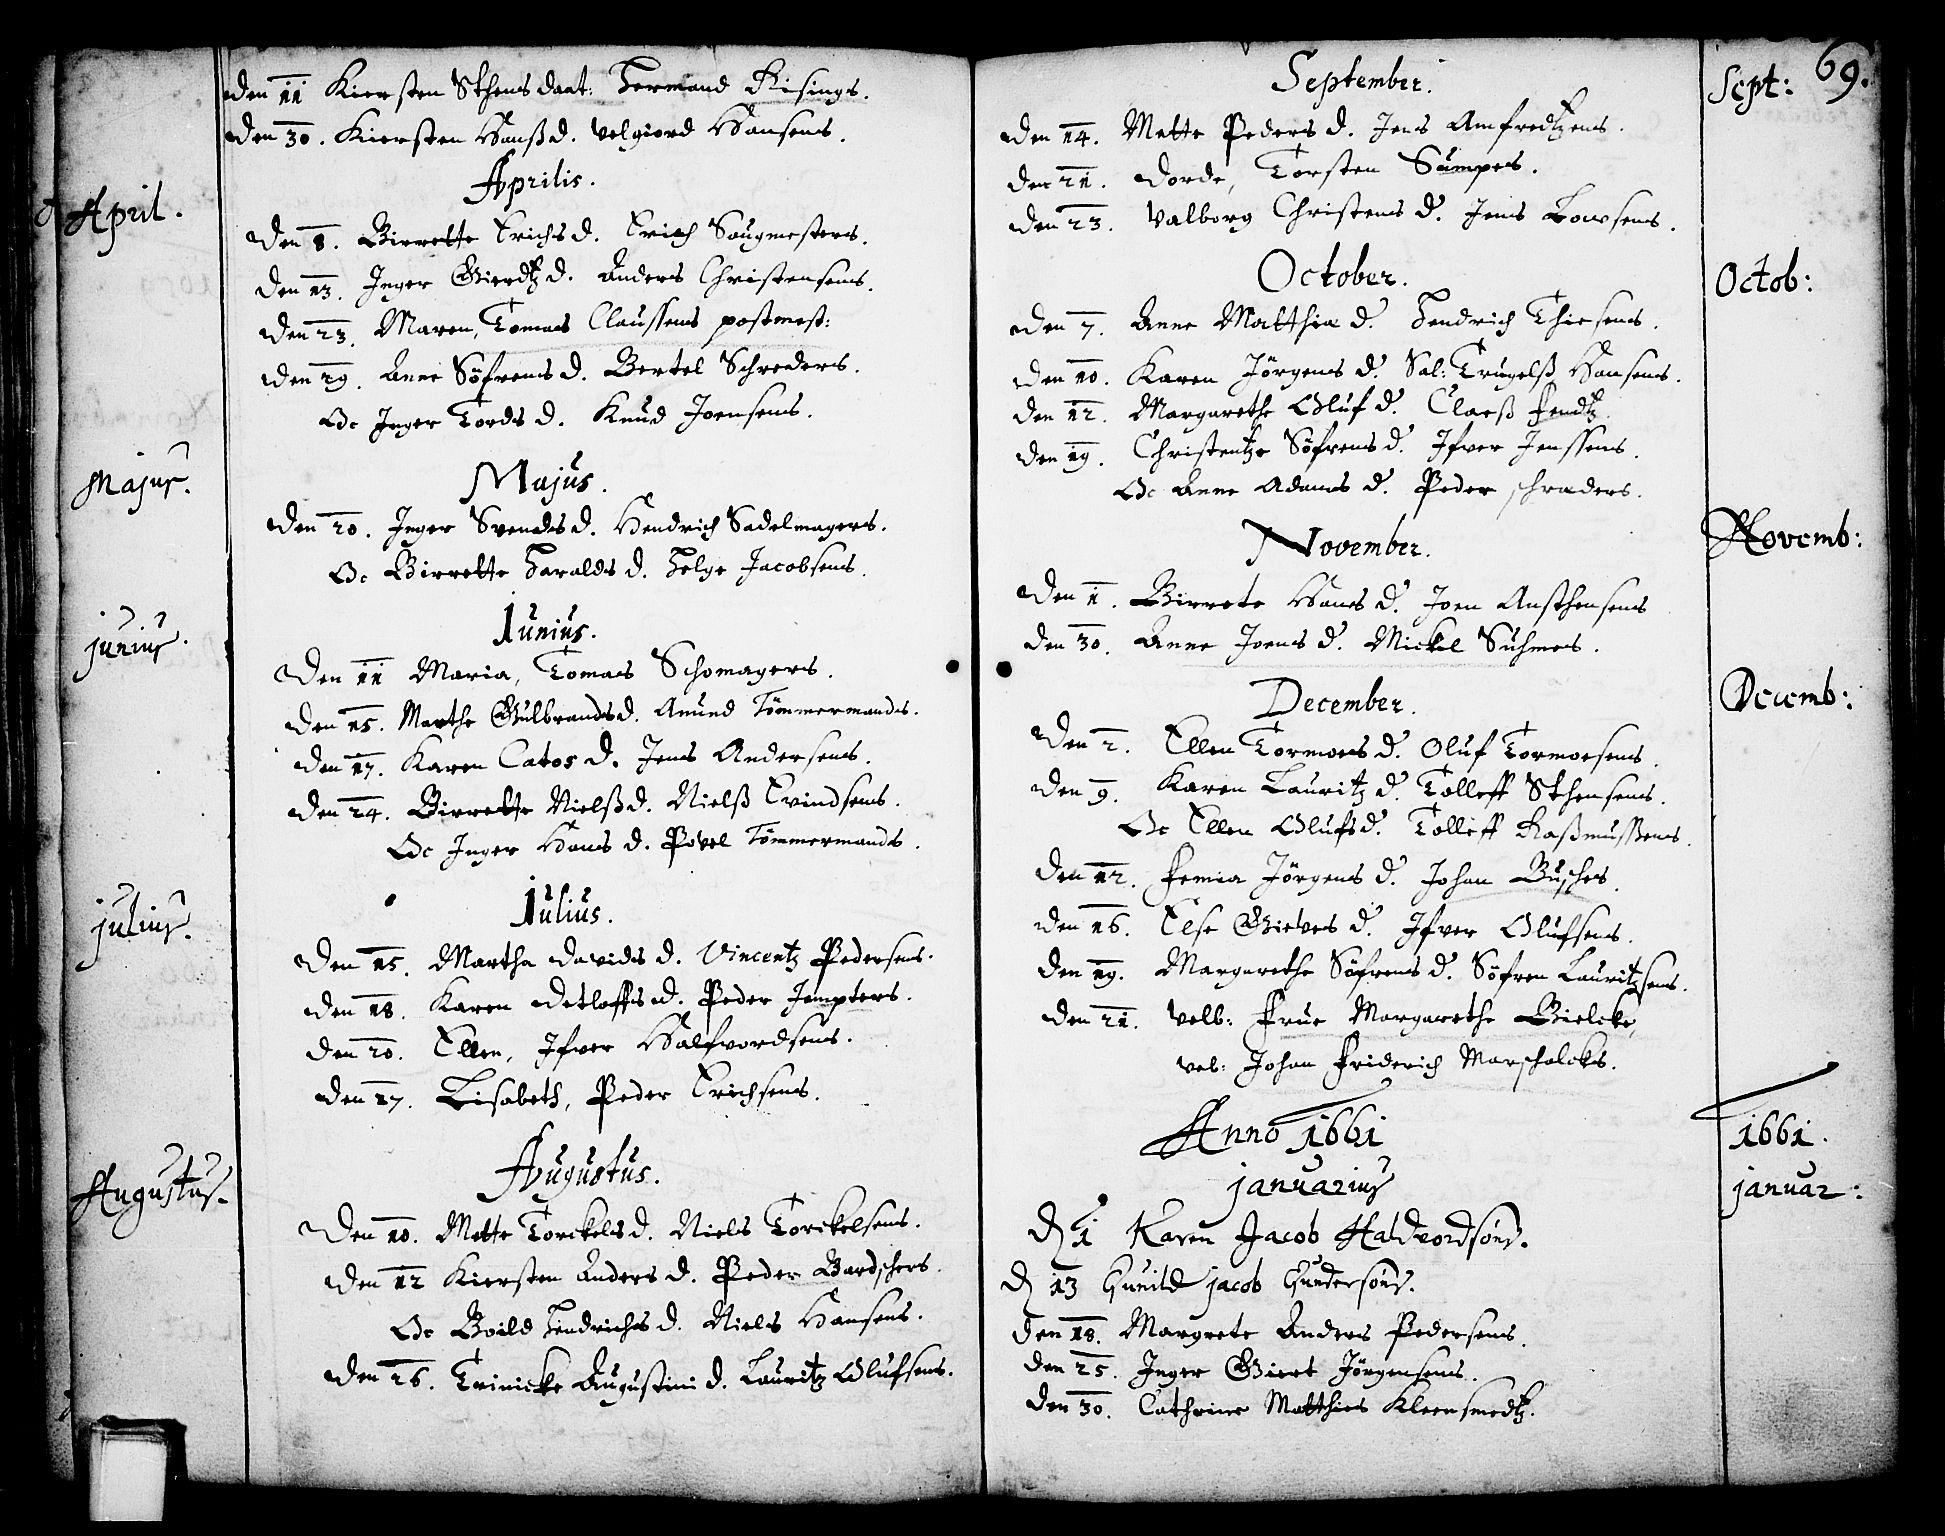 SAKO, Skien kirkebøker, F/Fa/L0001: Ministerialbok nr. 1, 1659-1679, s. 69